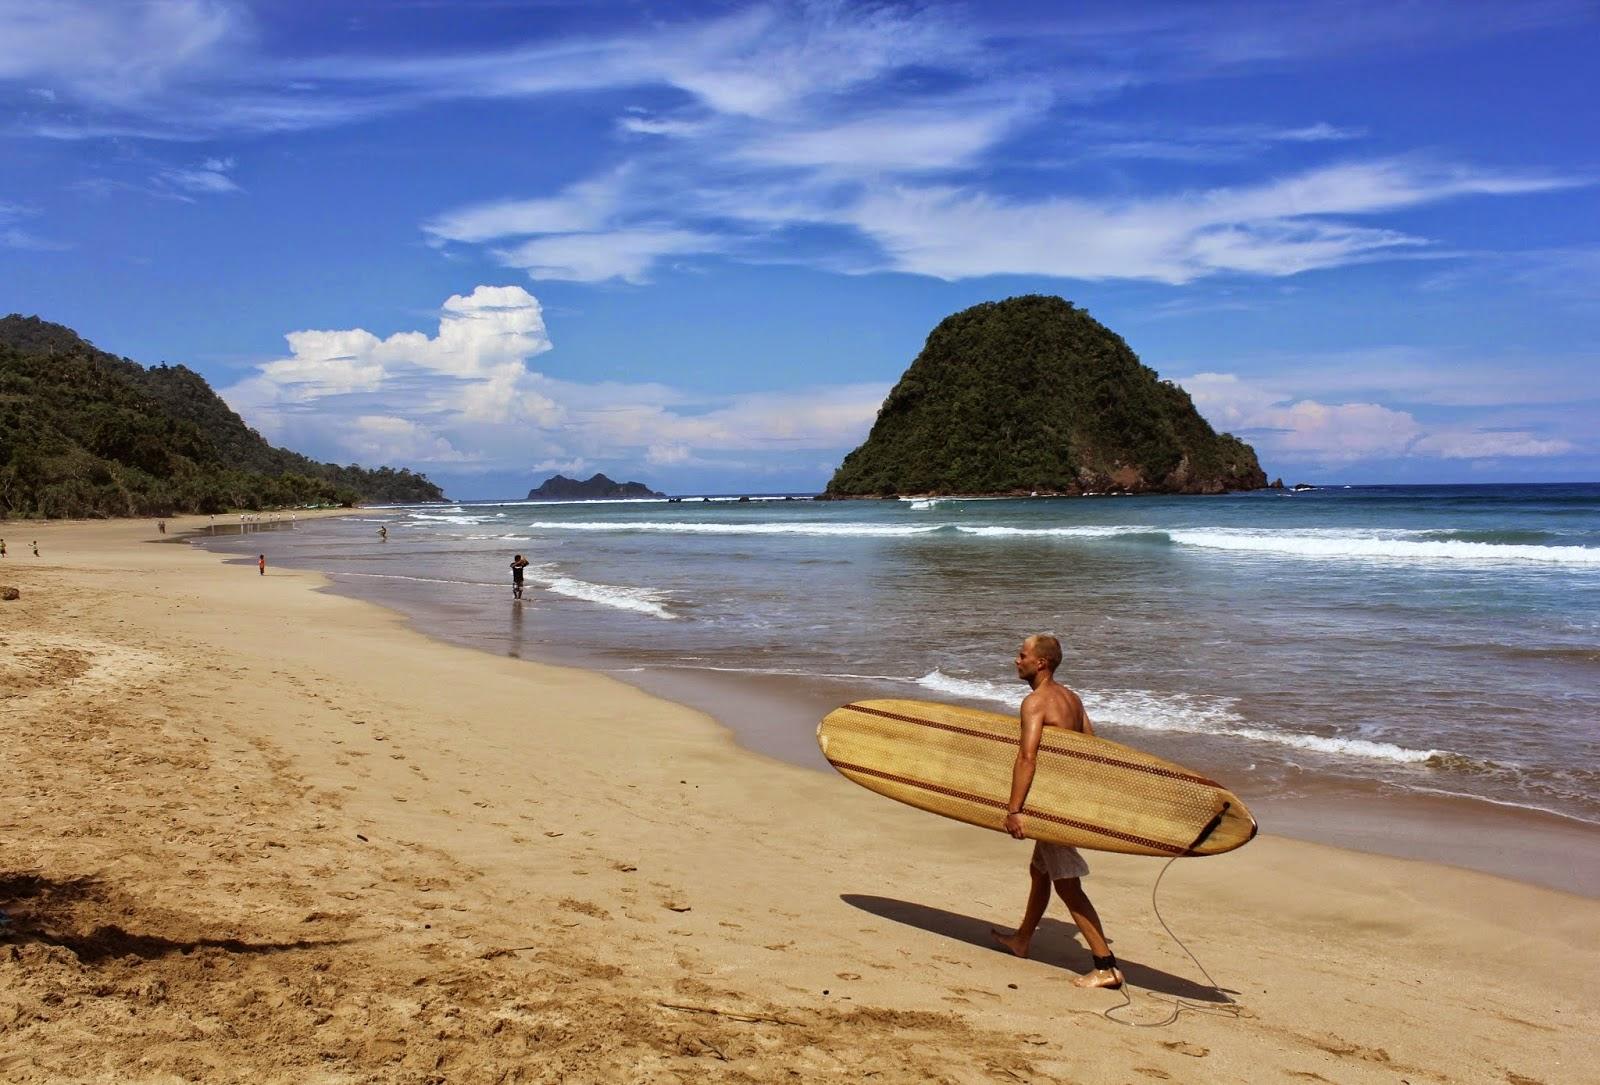 Wisata Dan Belajar Surfing Pantai Pulau Merah Red Island